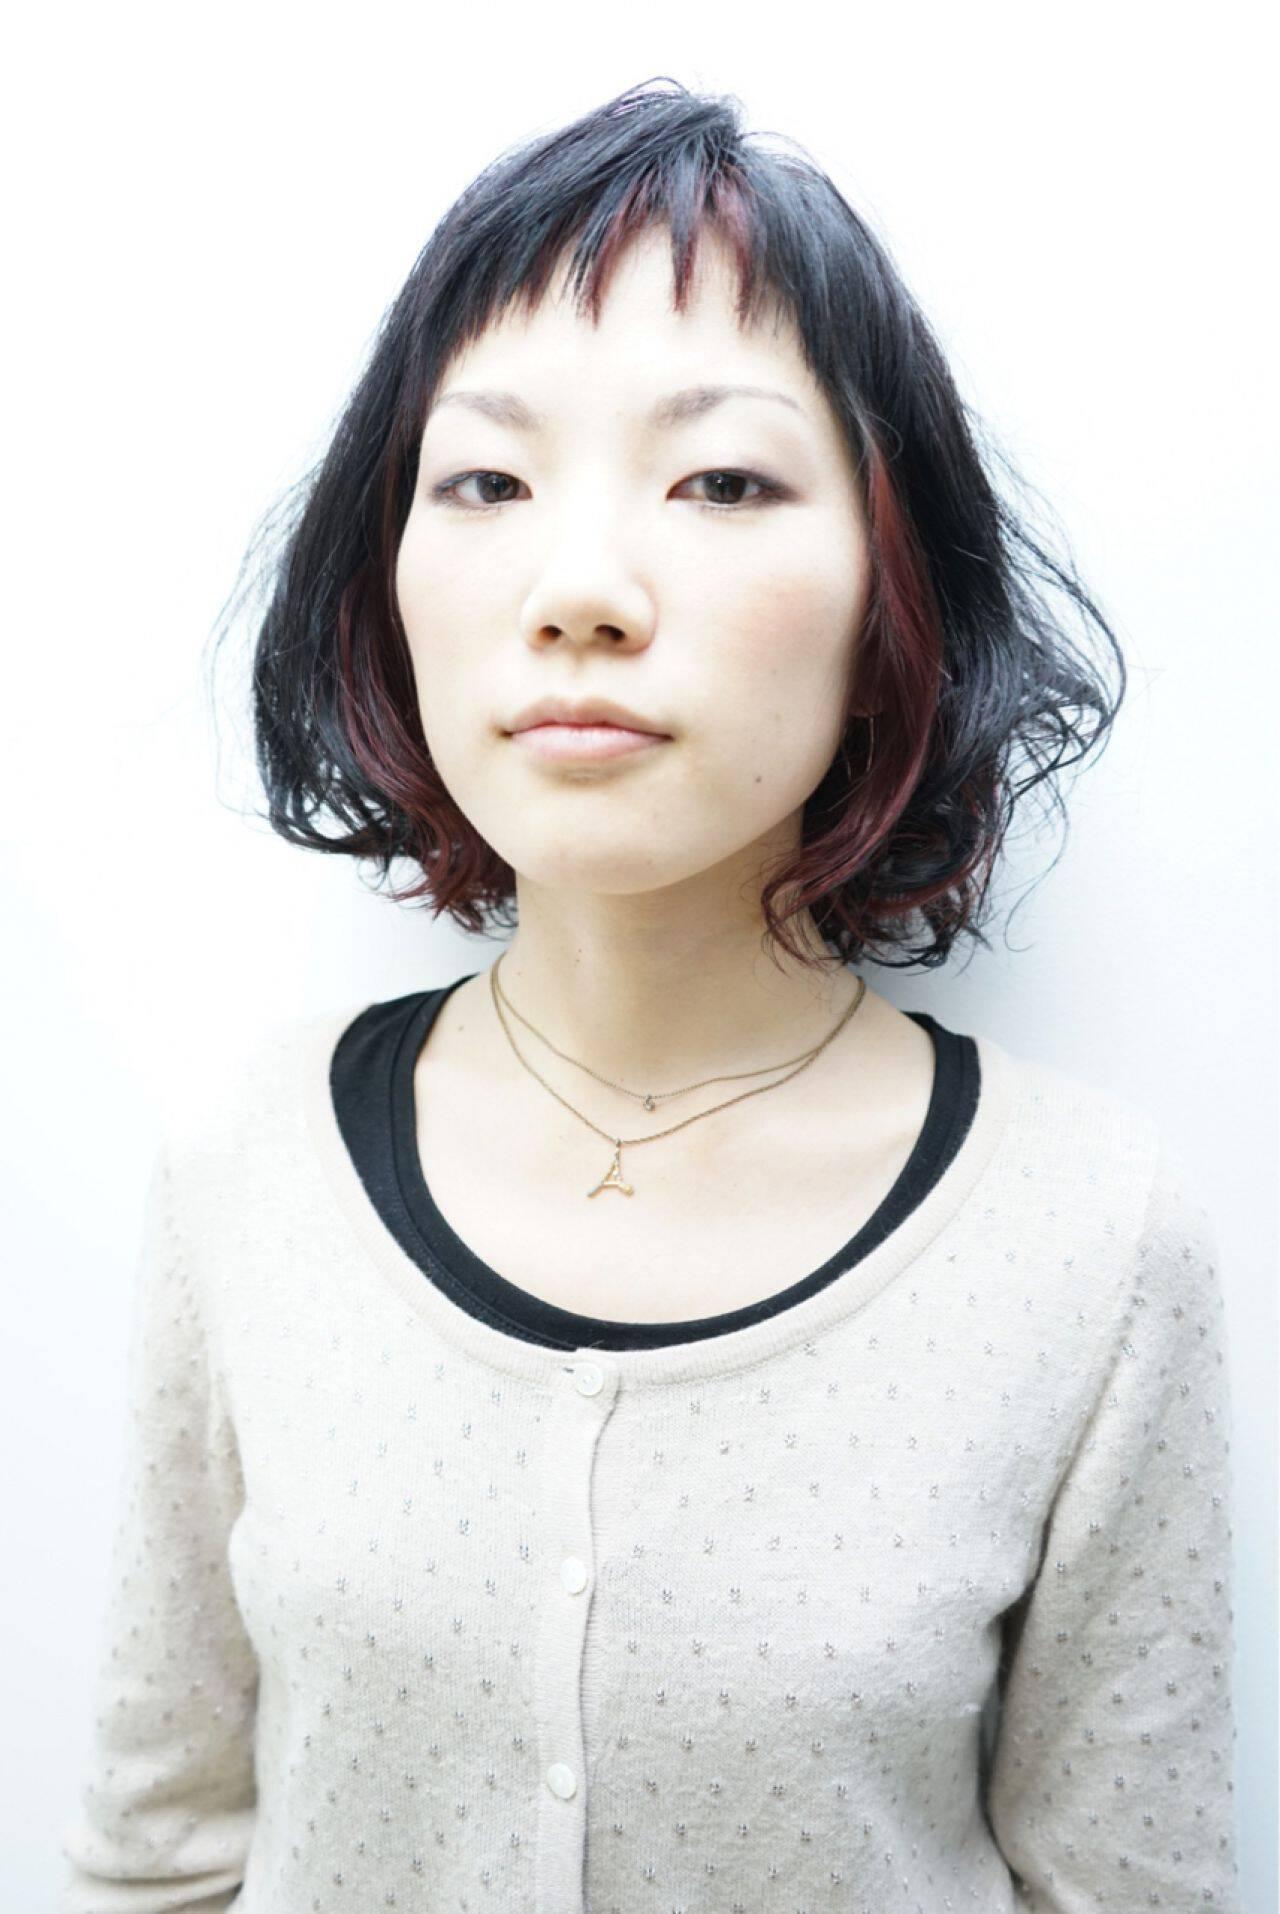 丸顔 インナーカラー ウェットヘア ショートバングヘアスタイルや髪型の写真・画像